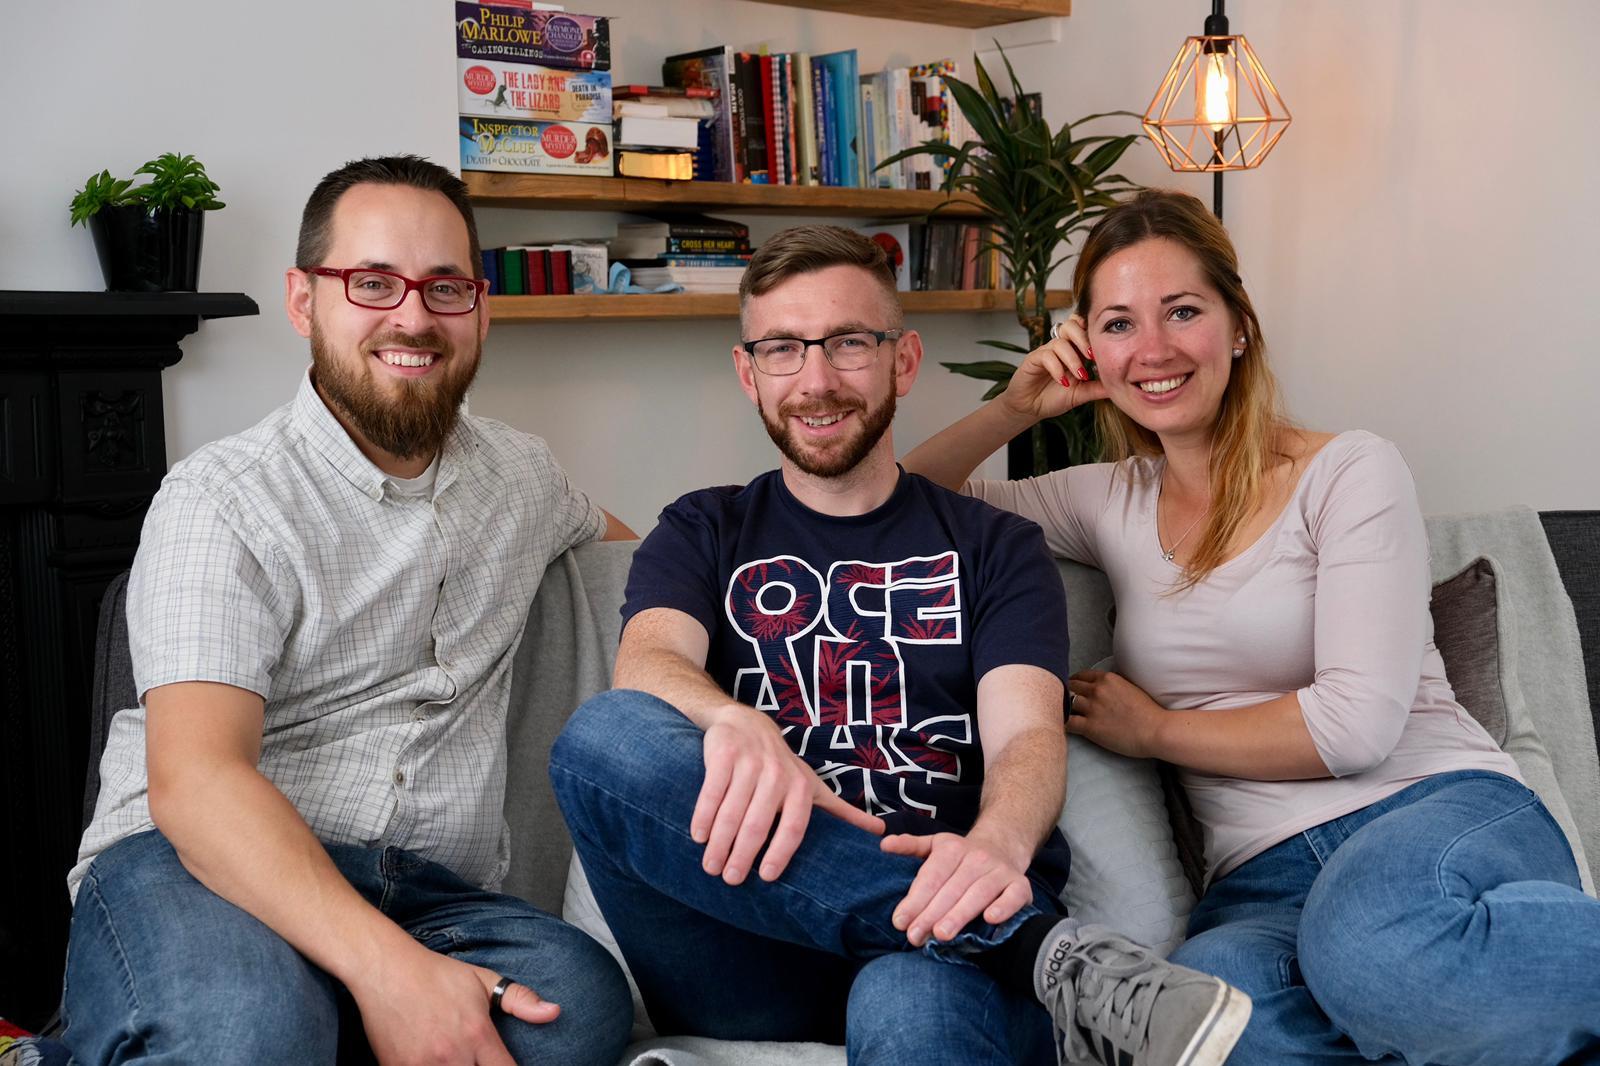 Solution Focused Team Photo